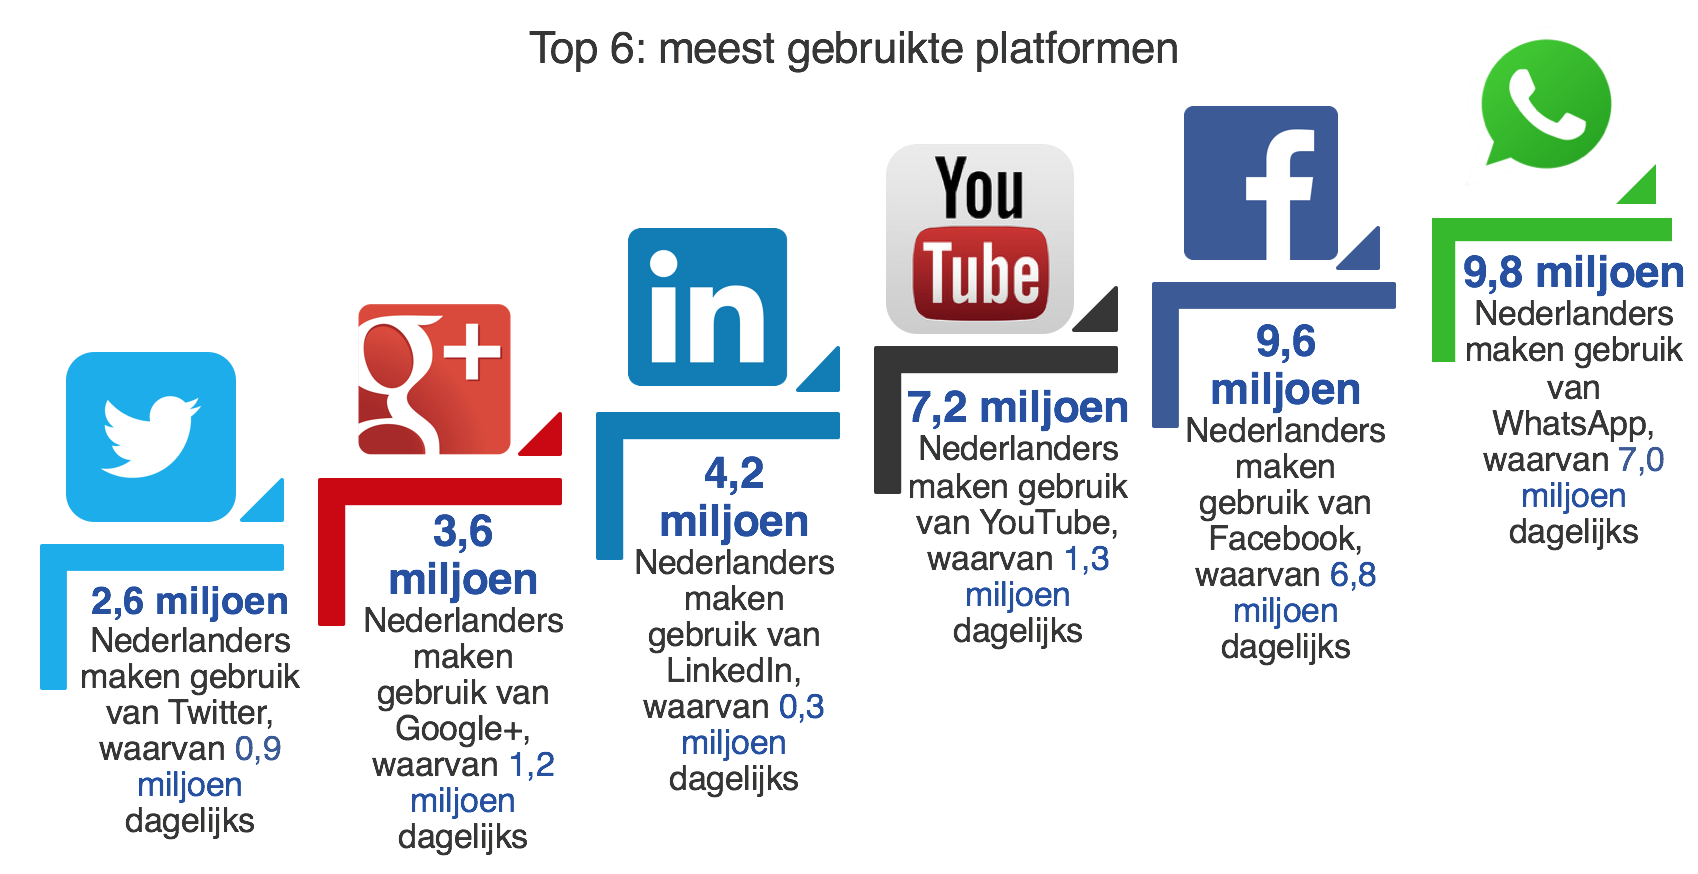 top 6 meeste gebruikte social media platforms - Marketingfacts